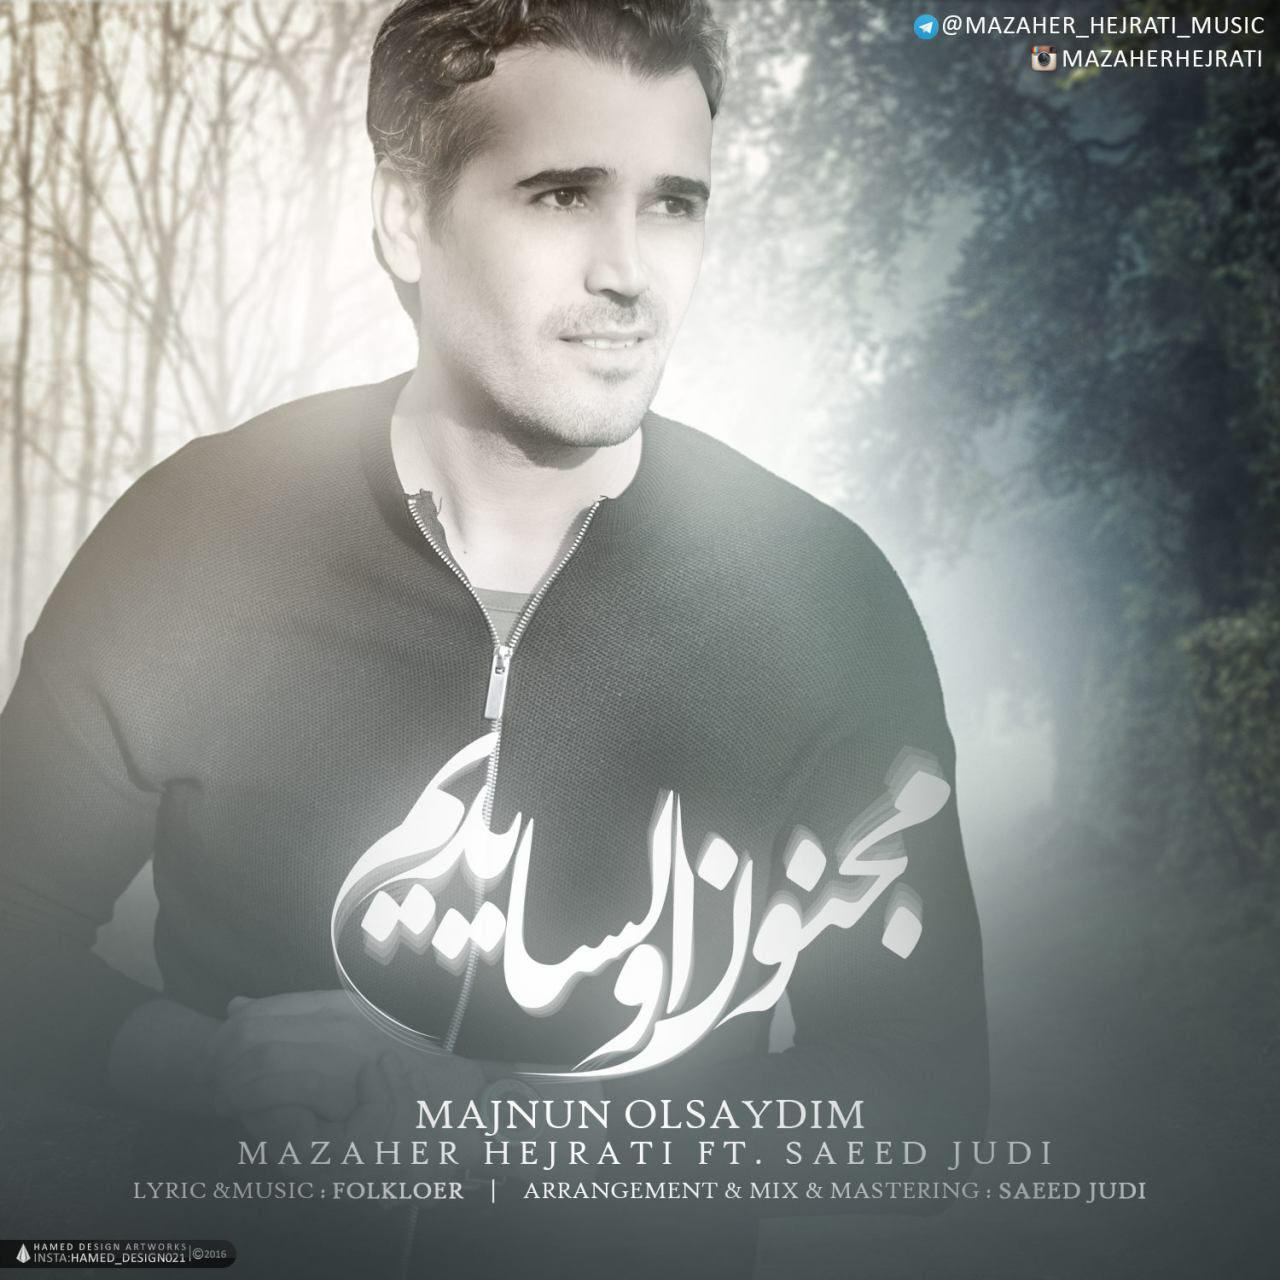 http://s9.picofile.com/file/8300808534/096Mazaher_Hejrati_Majnun_Olsaydim.jpg